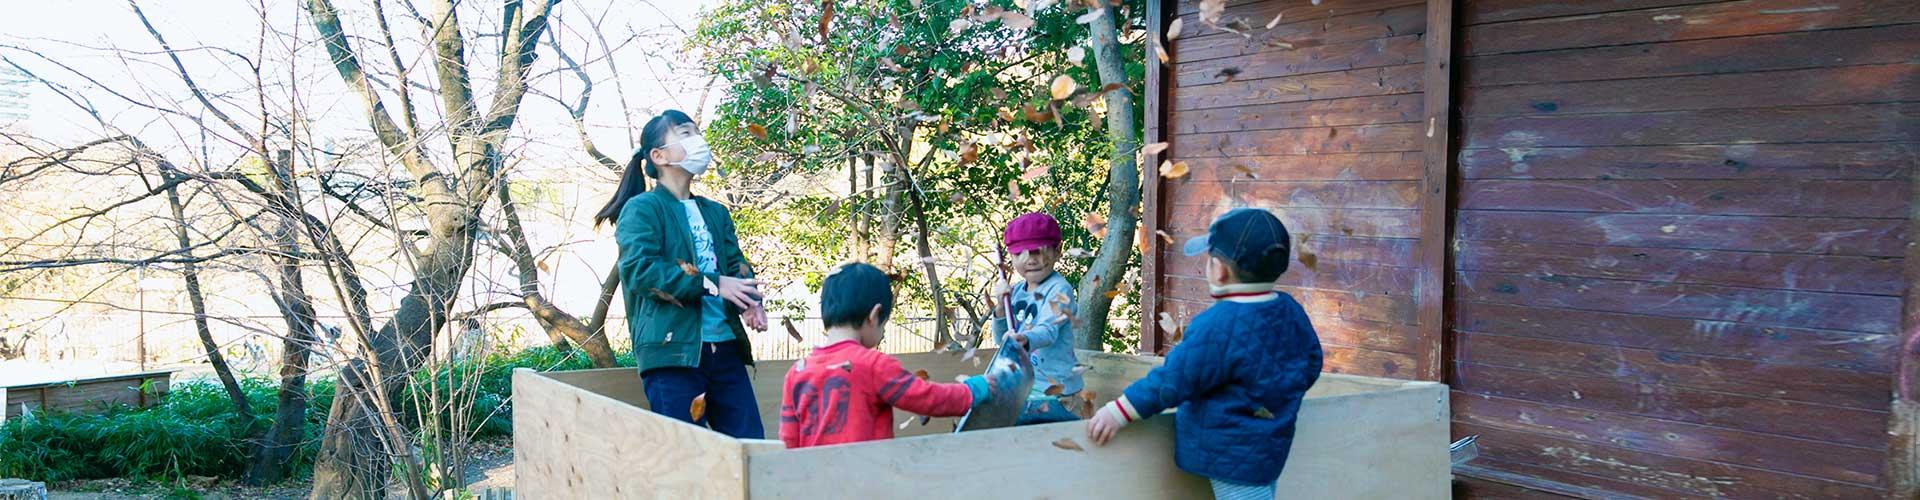 心と体を解き放つ、子どもの「やりたい!」をかなえるプレーパーク